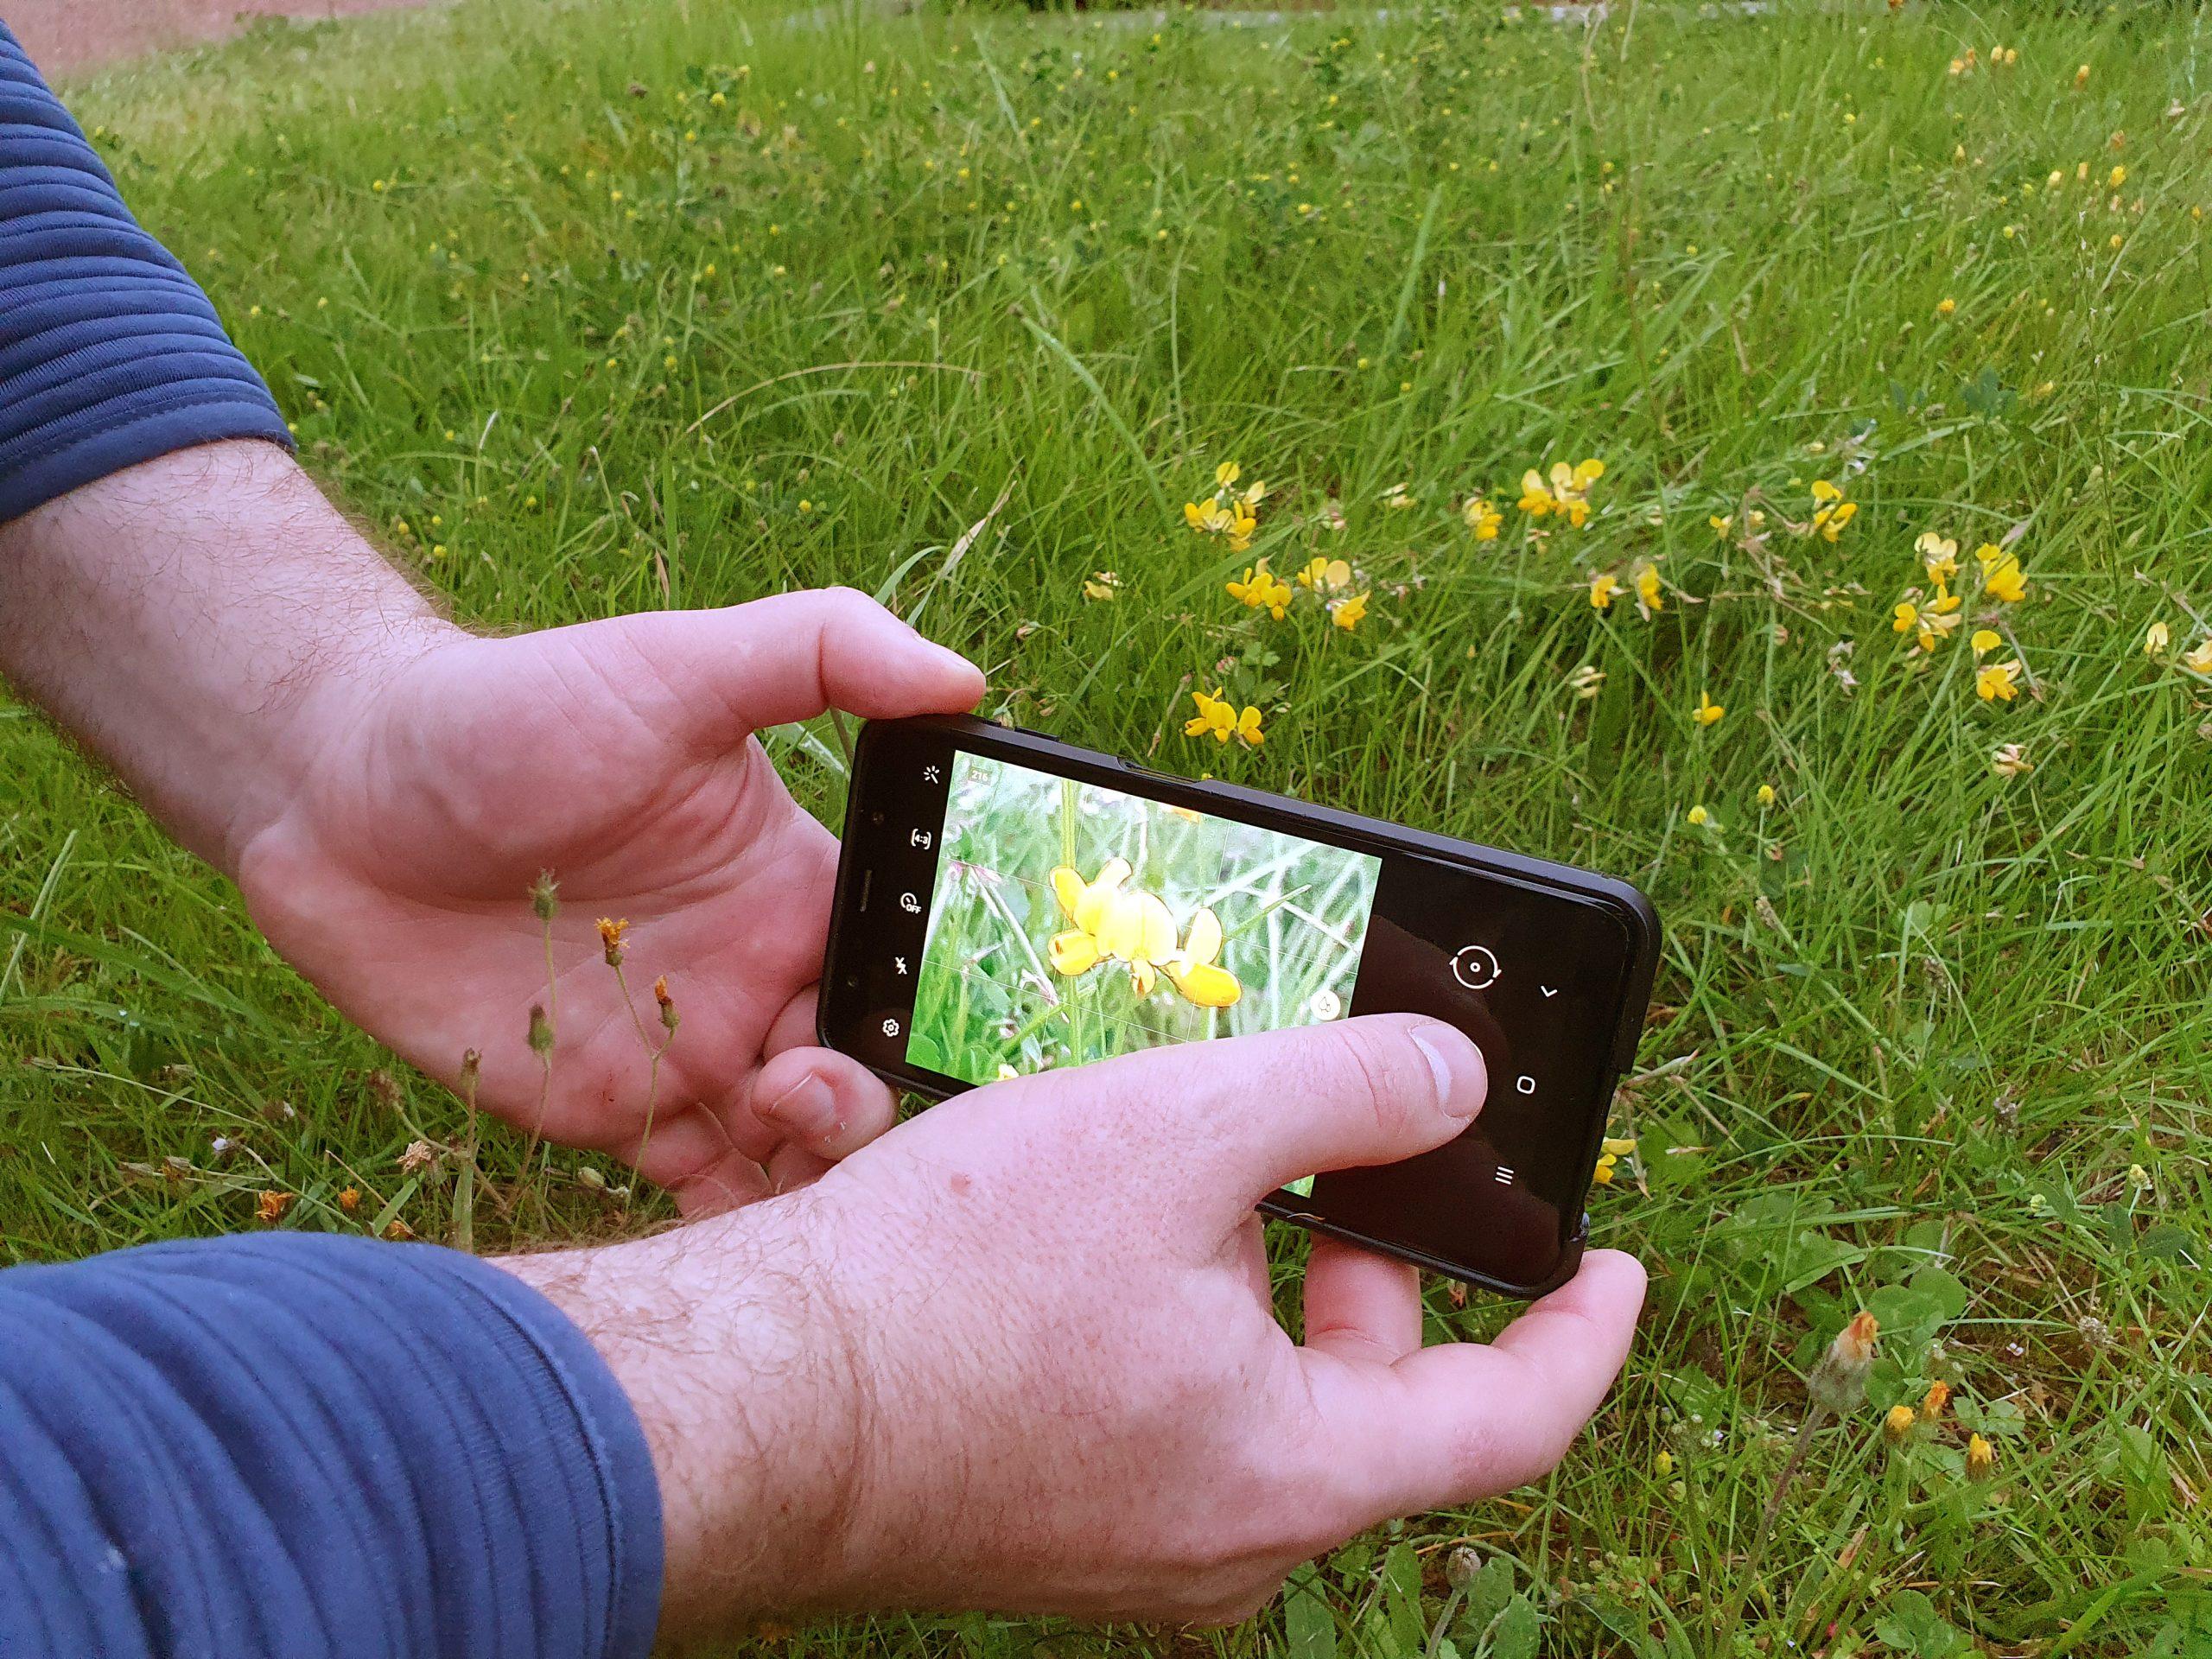 Mit einem Smartphone werden kleine gelbe Blumen fotografiert. Foto: SW